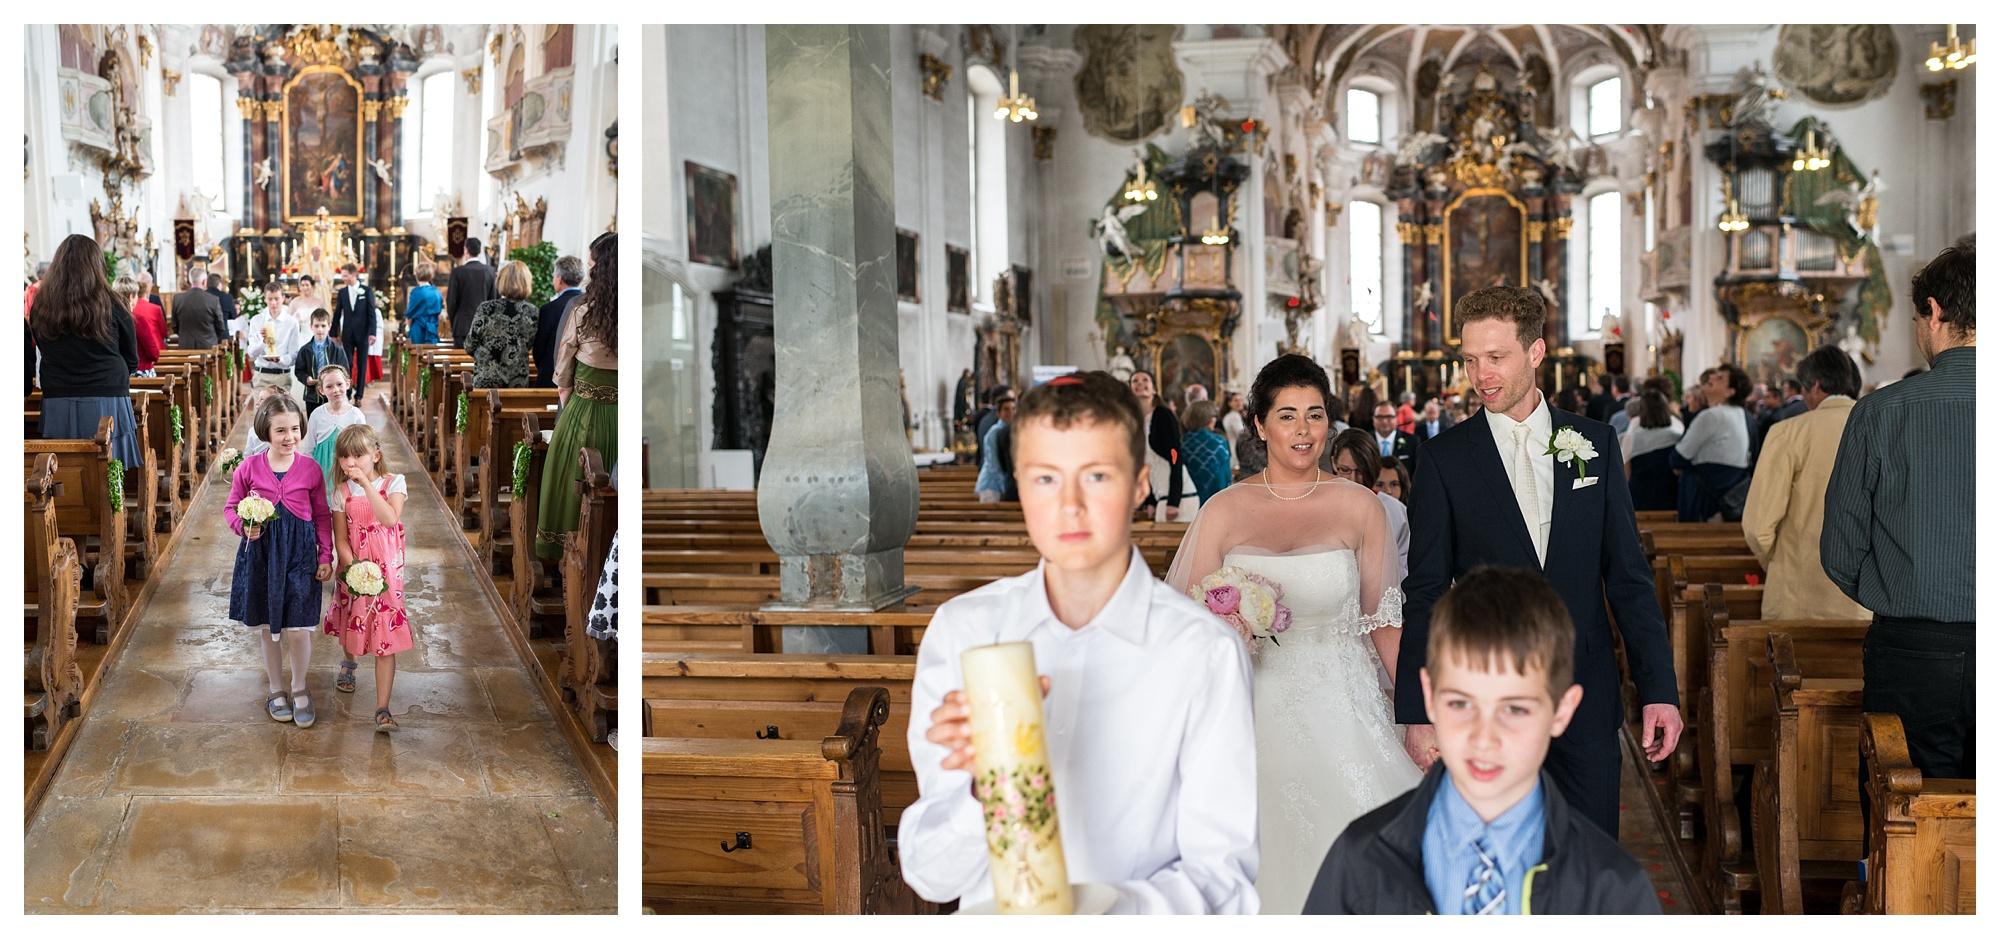 Fotograf Konstanz - Hochzeit Tanja Elmar Elmar Feuerbacher Photography Konstanz Messkirch Highlights 038 - Hochzeitsreportage von Tanja und Elmar im Schloss Meßkirch  - 37 -